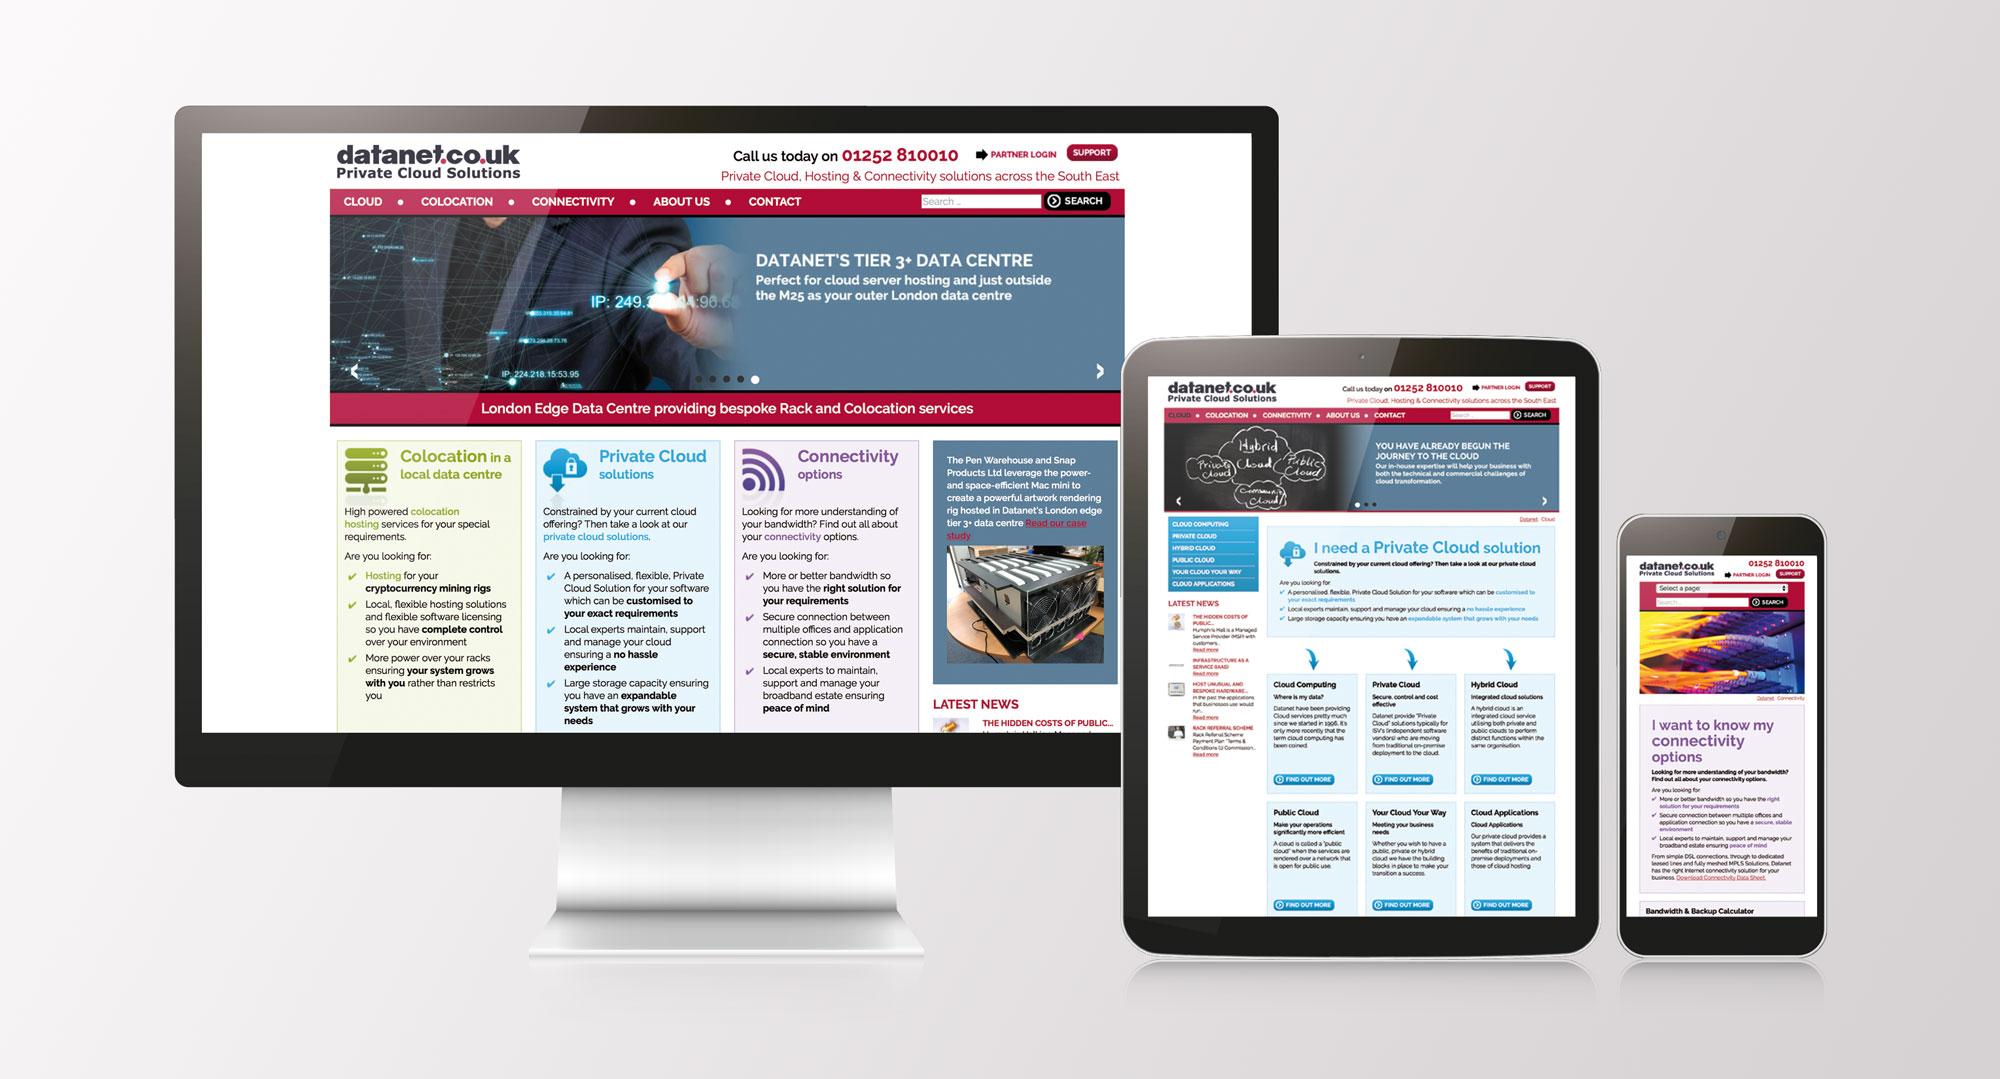 datanet new website